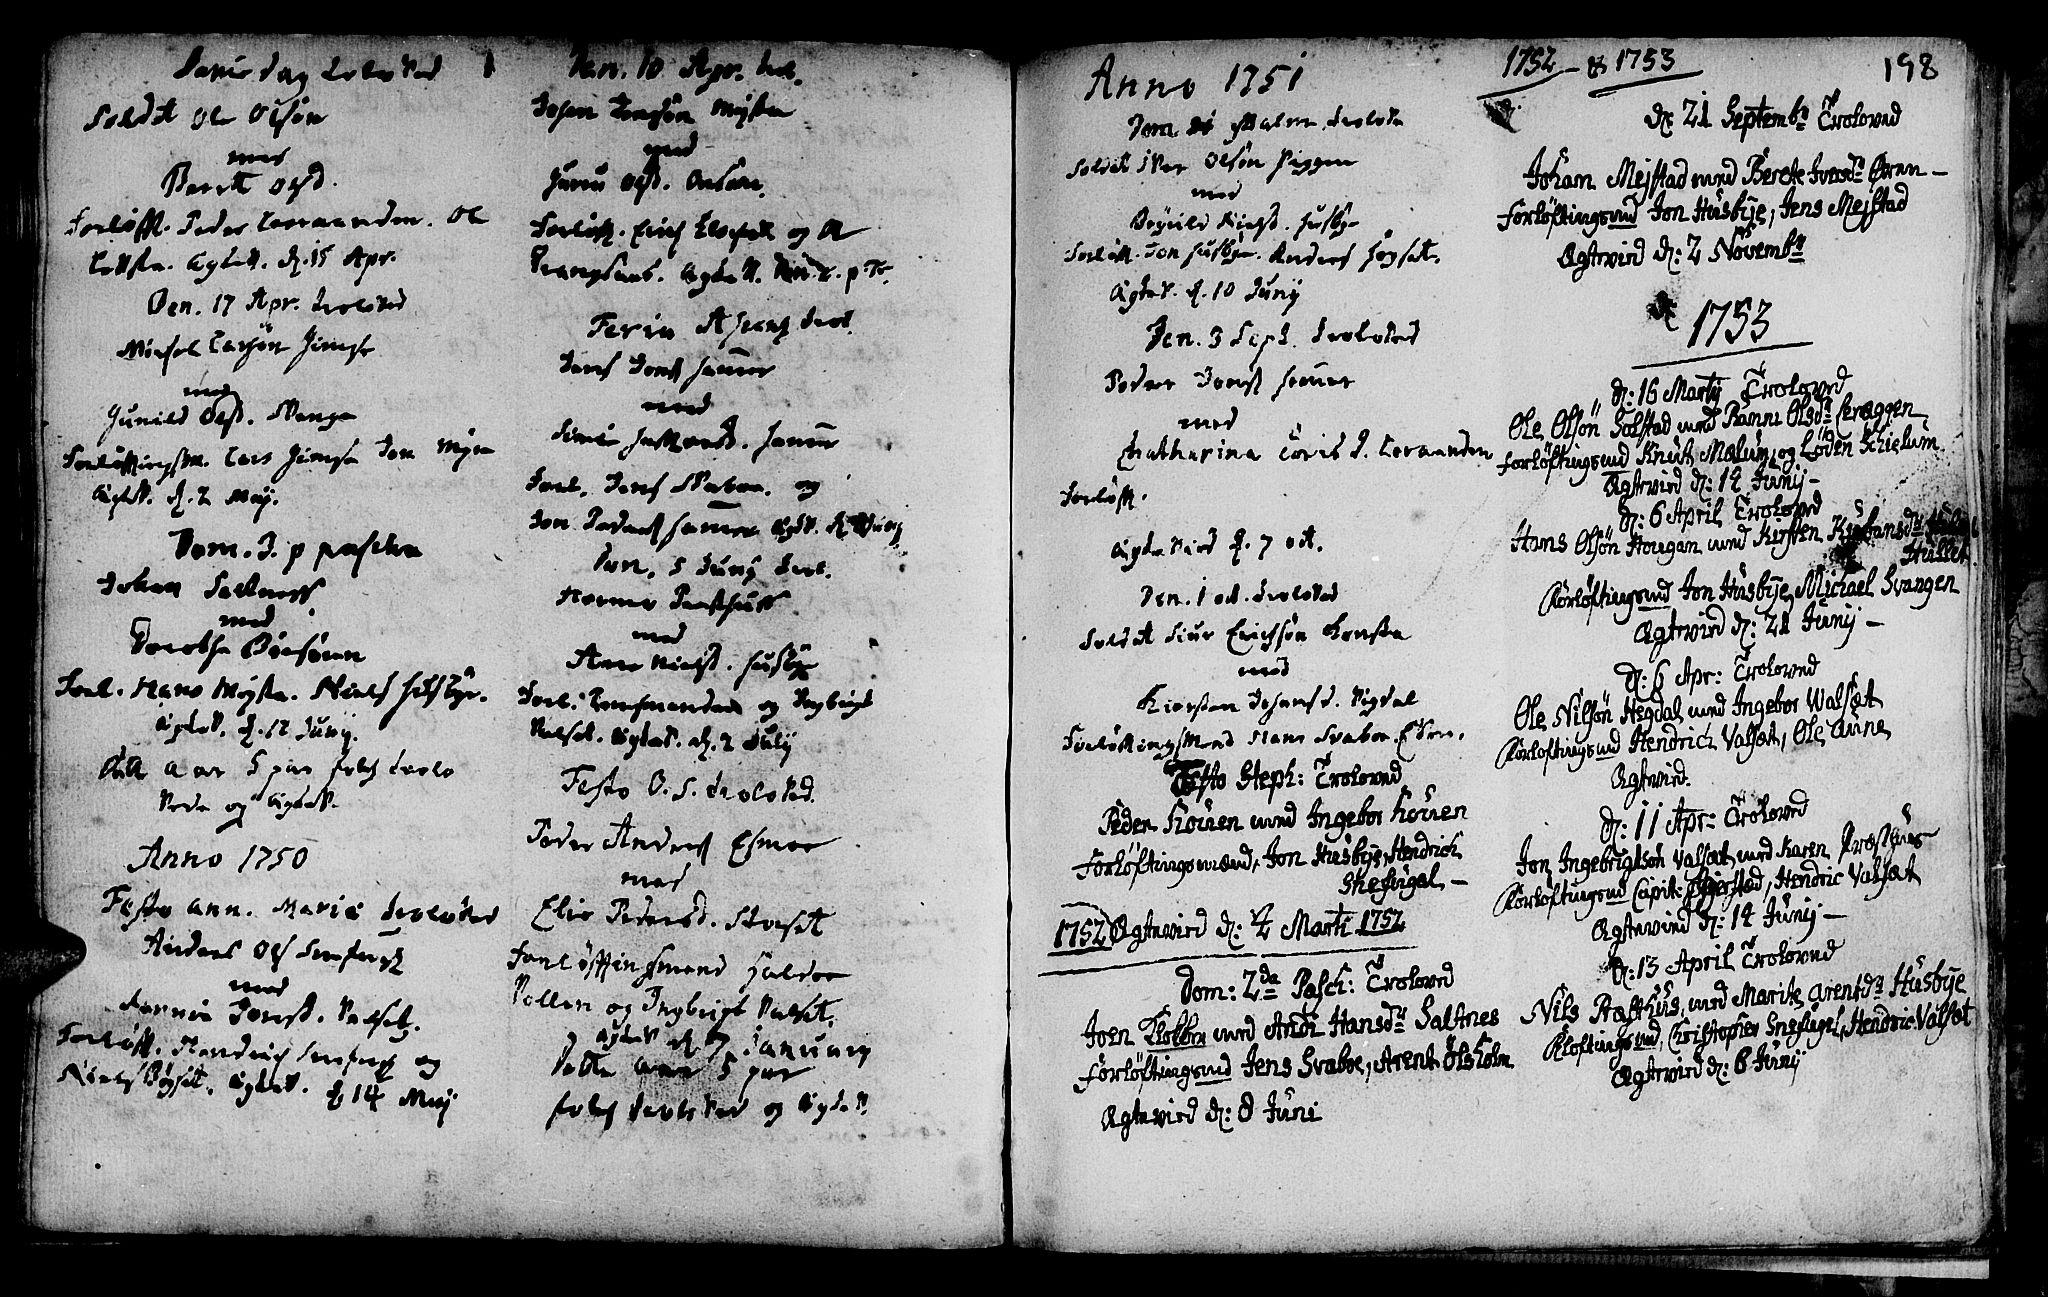 SAT, Ministerialprotokoller, klokkerbøker og fødselsregistre - Sør-Trøndelag, 666/L0783: Ministerialbok nr. 666A01, 1702-1753, s. 198